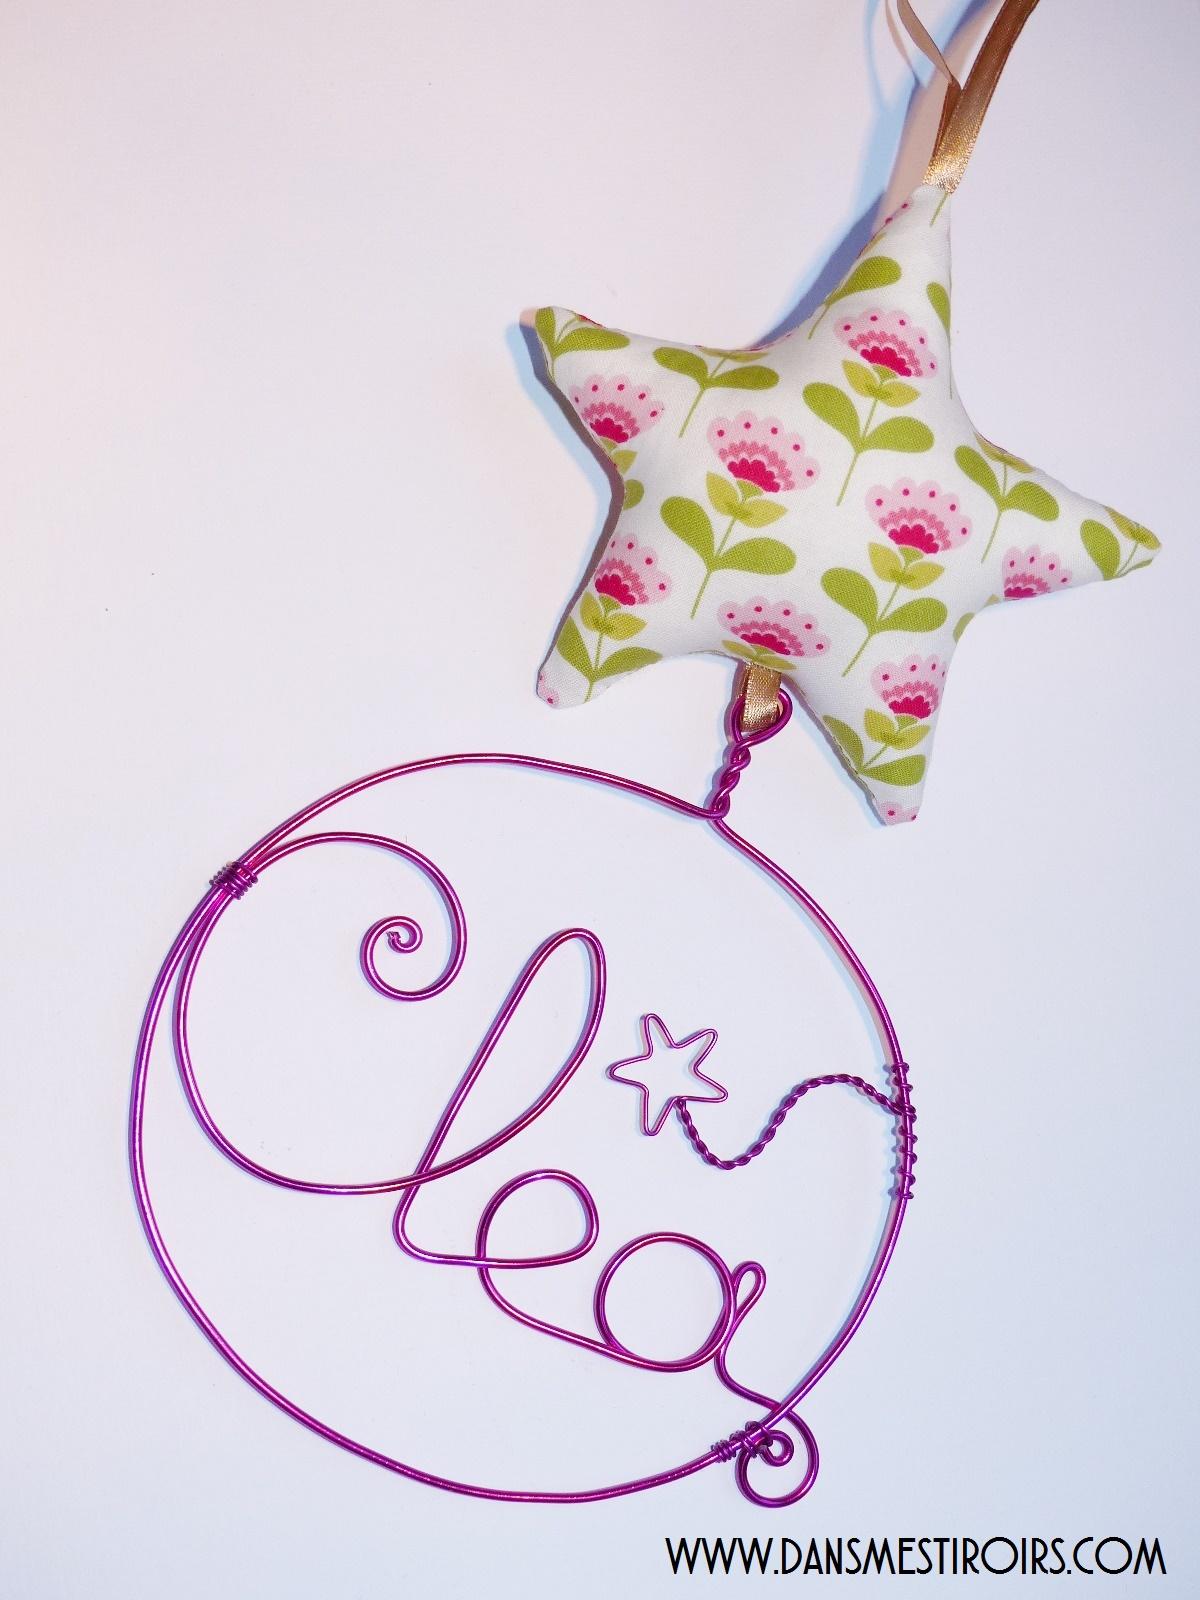 CLEA_étoile